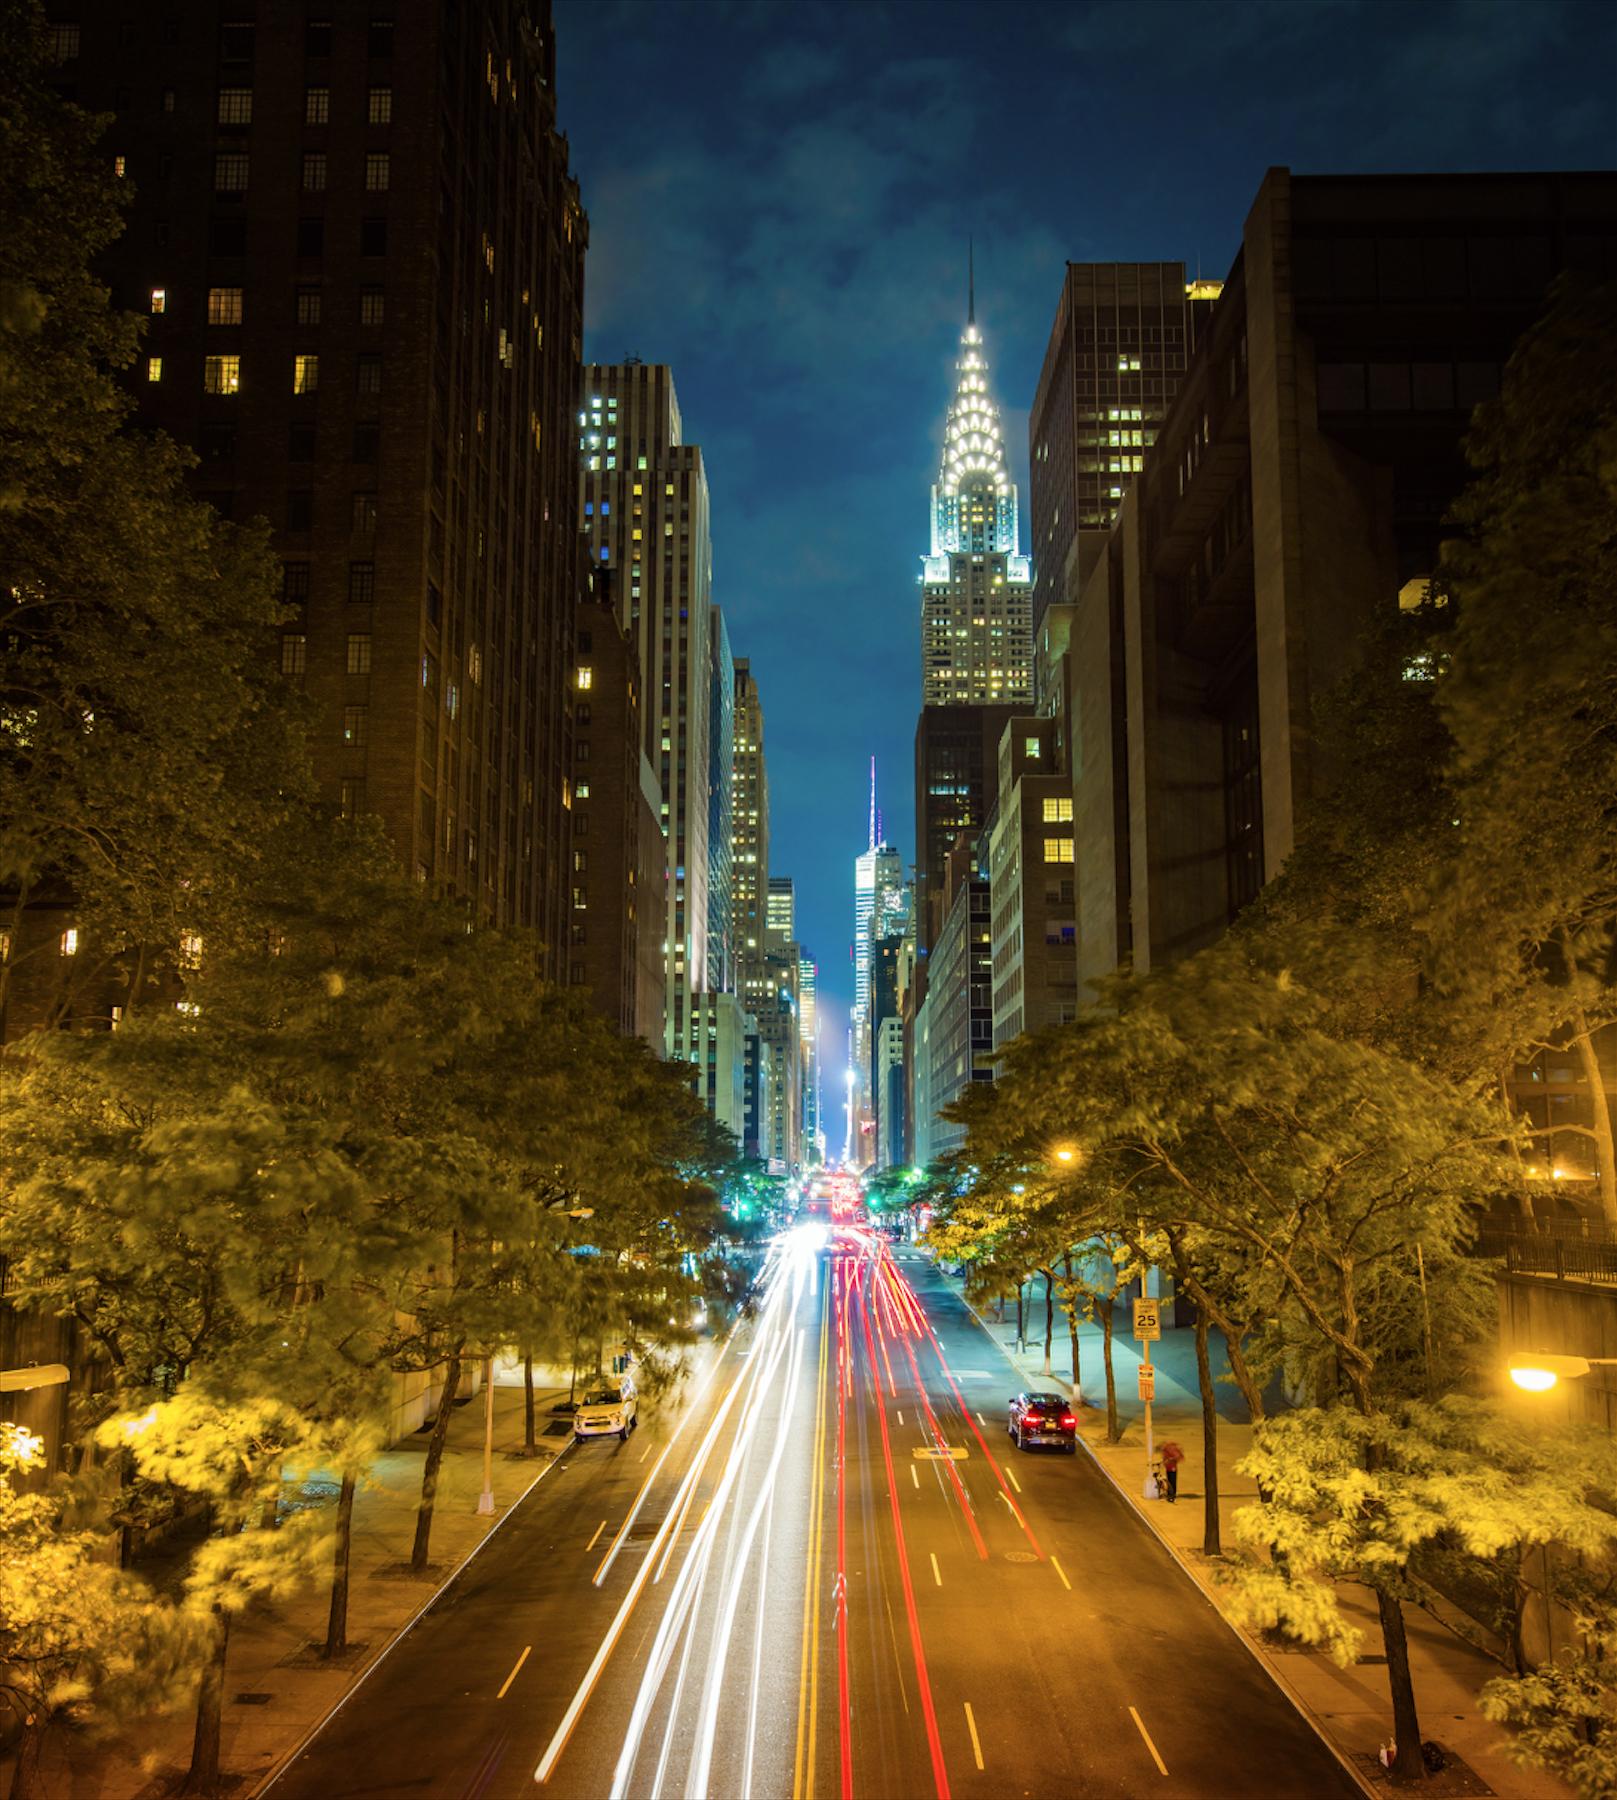 42 улица ночью.jpg